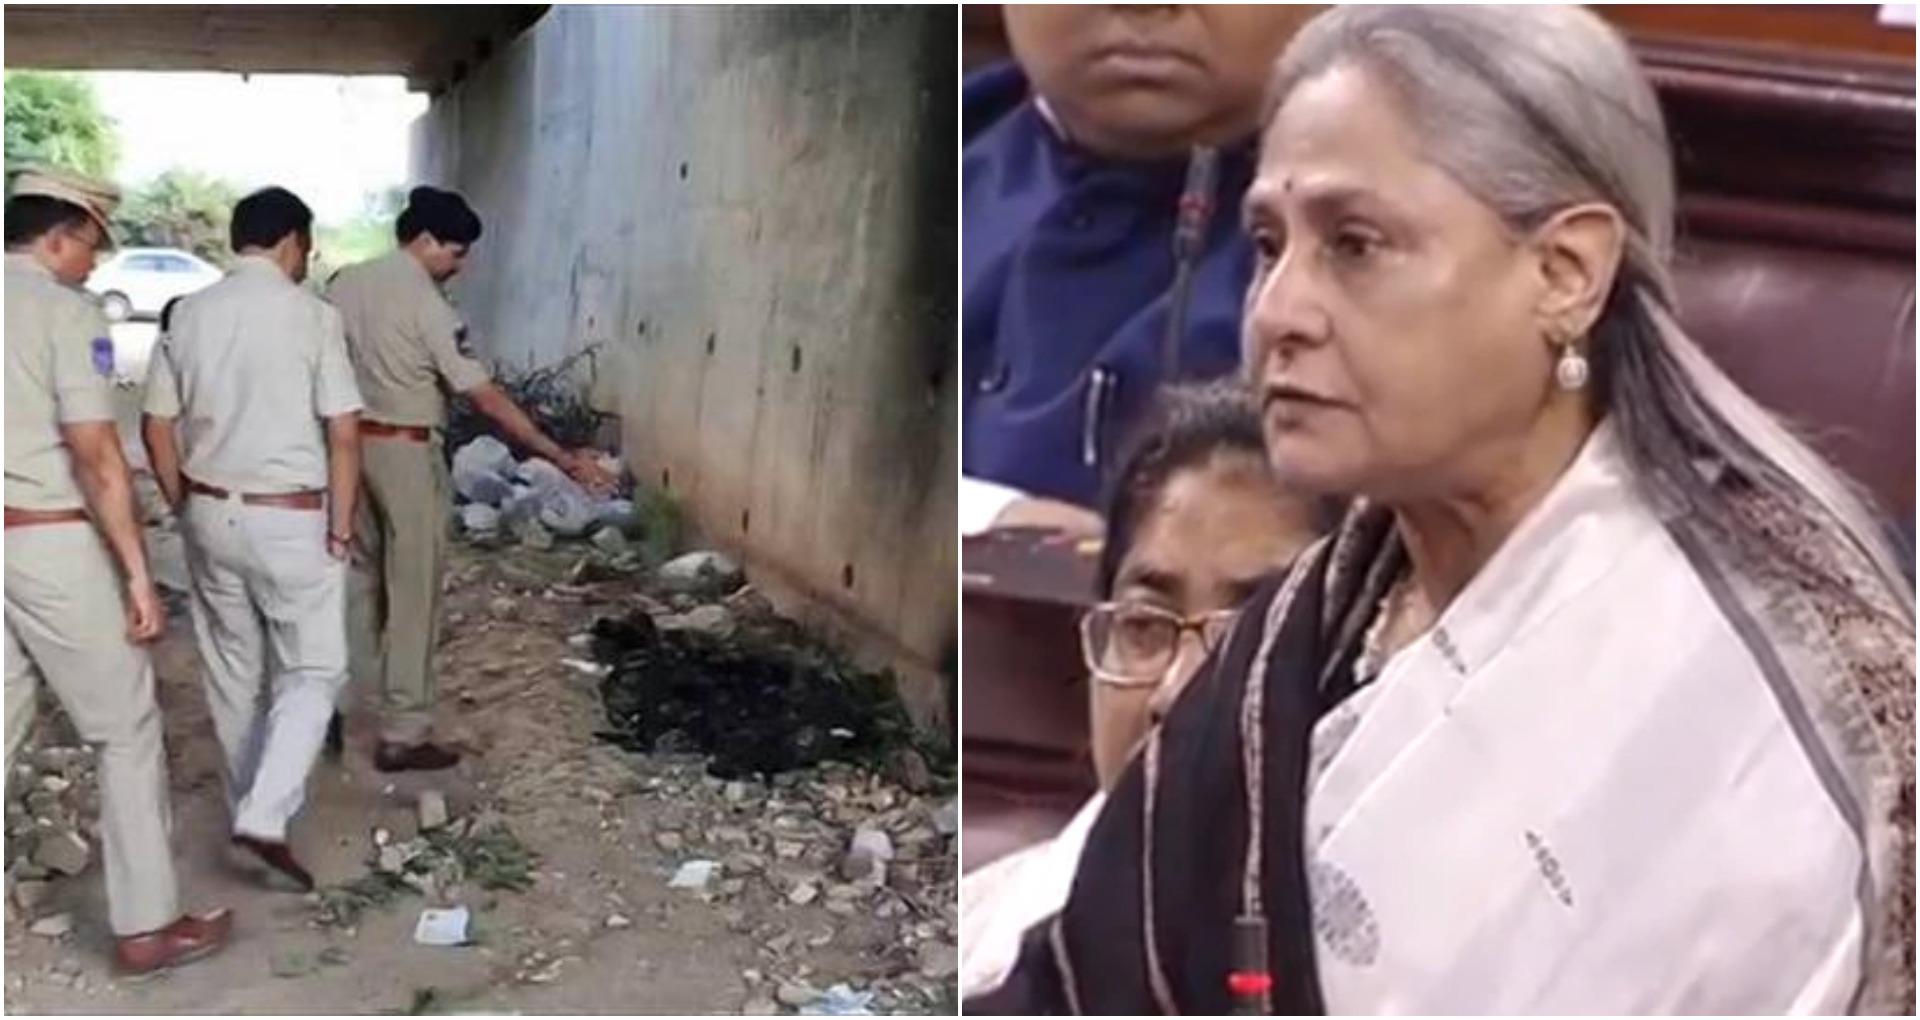 Hyderabad vet rape- murder: वेटनरी डॉक्टर से रेप और मर्डर केस में भड़कीं जया बच्चन, दिया गंभीर बयान